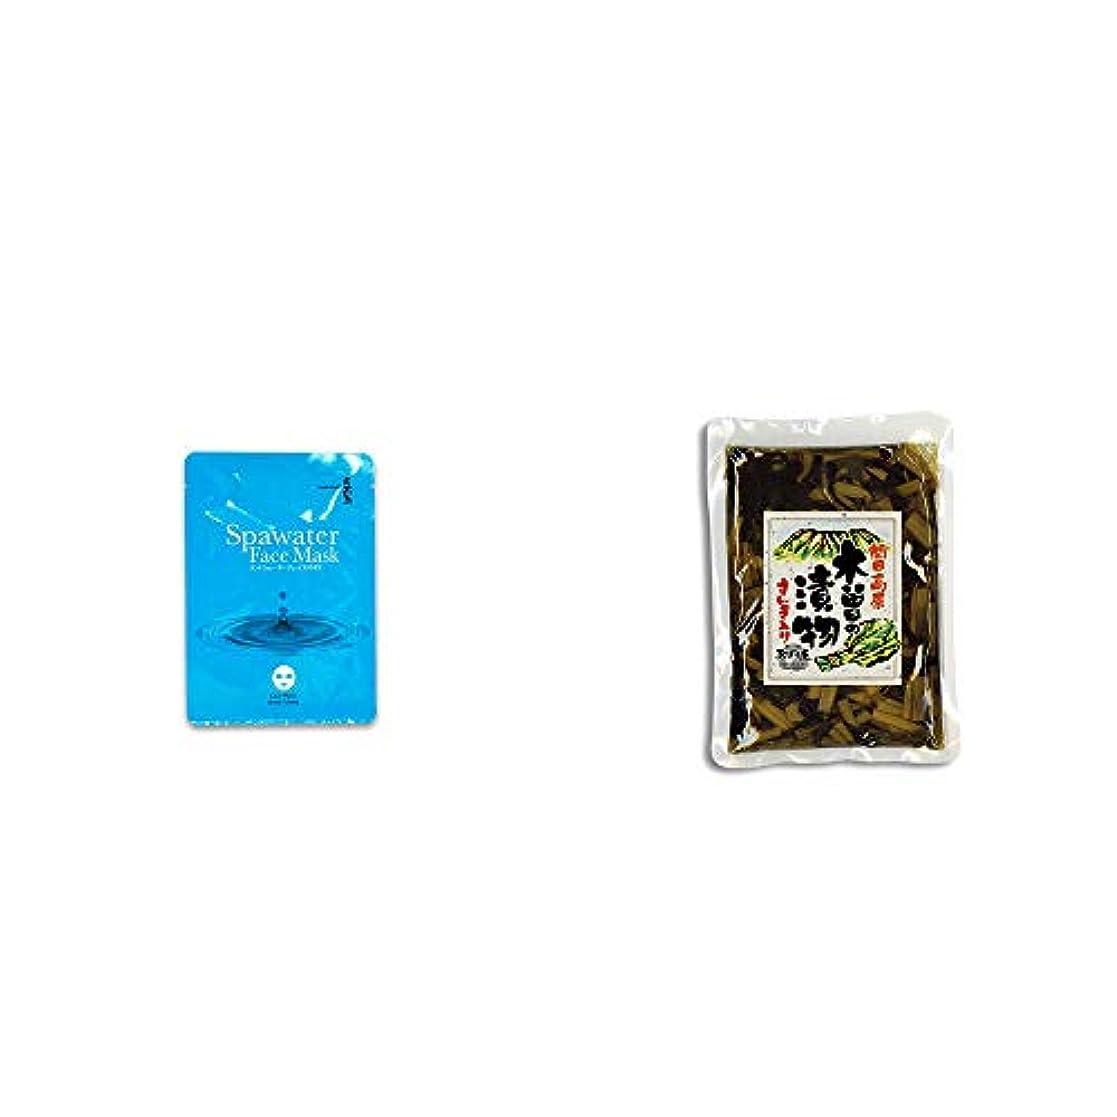 呪い非アクティブ悪因子[2点セット] ひのき炭黒泉 スパウォーターフェイスマスク(18ml×3枚入)?【年中販売】木曽の漬物 すんき入り(200g) / すんき漬け味付加工品 //